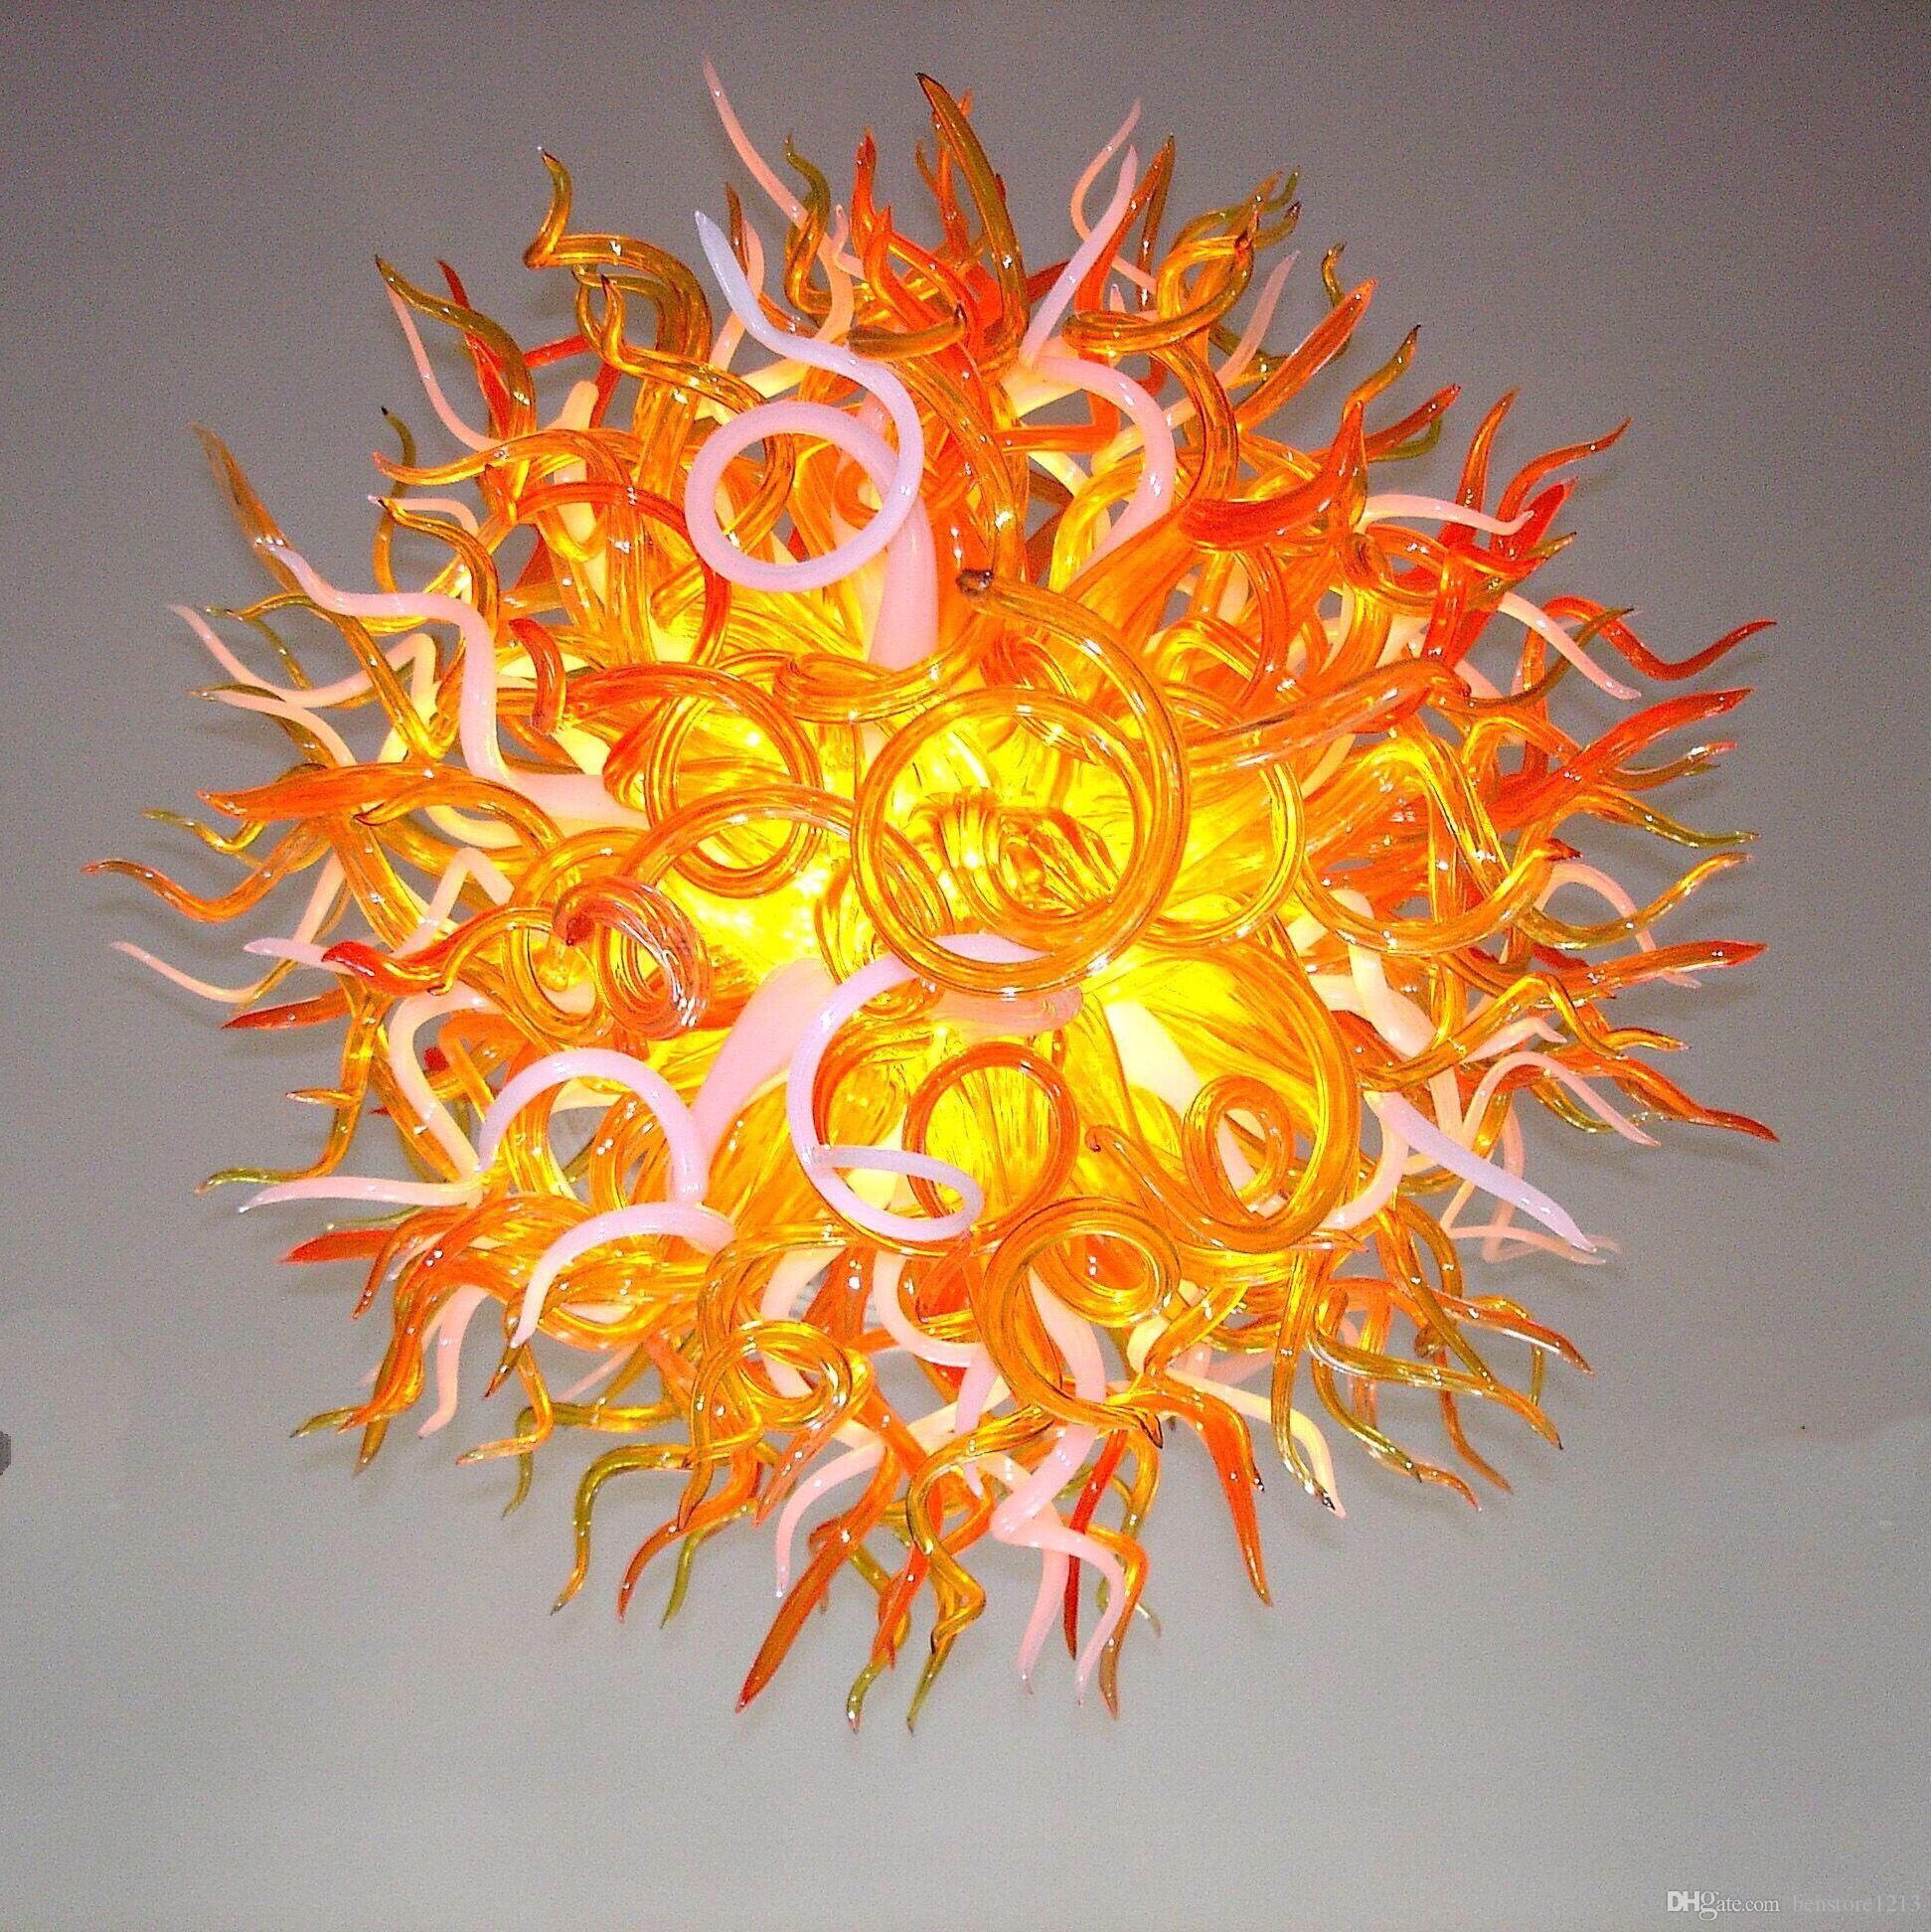 램프 샹들리에 펜던트 빛 100 % 입 날아가 유리 아트 홈 램프 라운드 스타일 펜던트 크리스탈 라이트